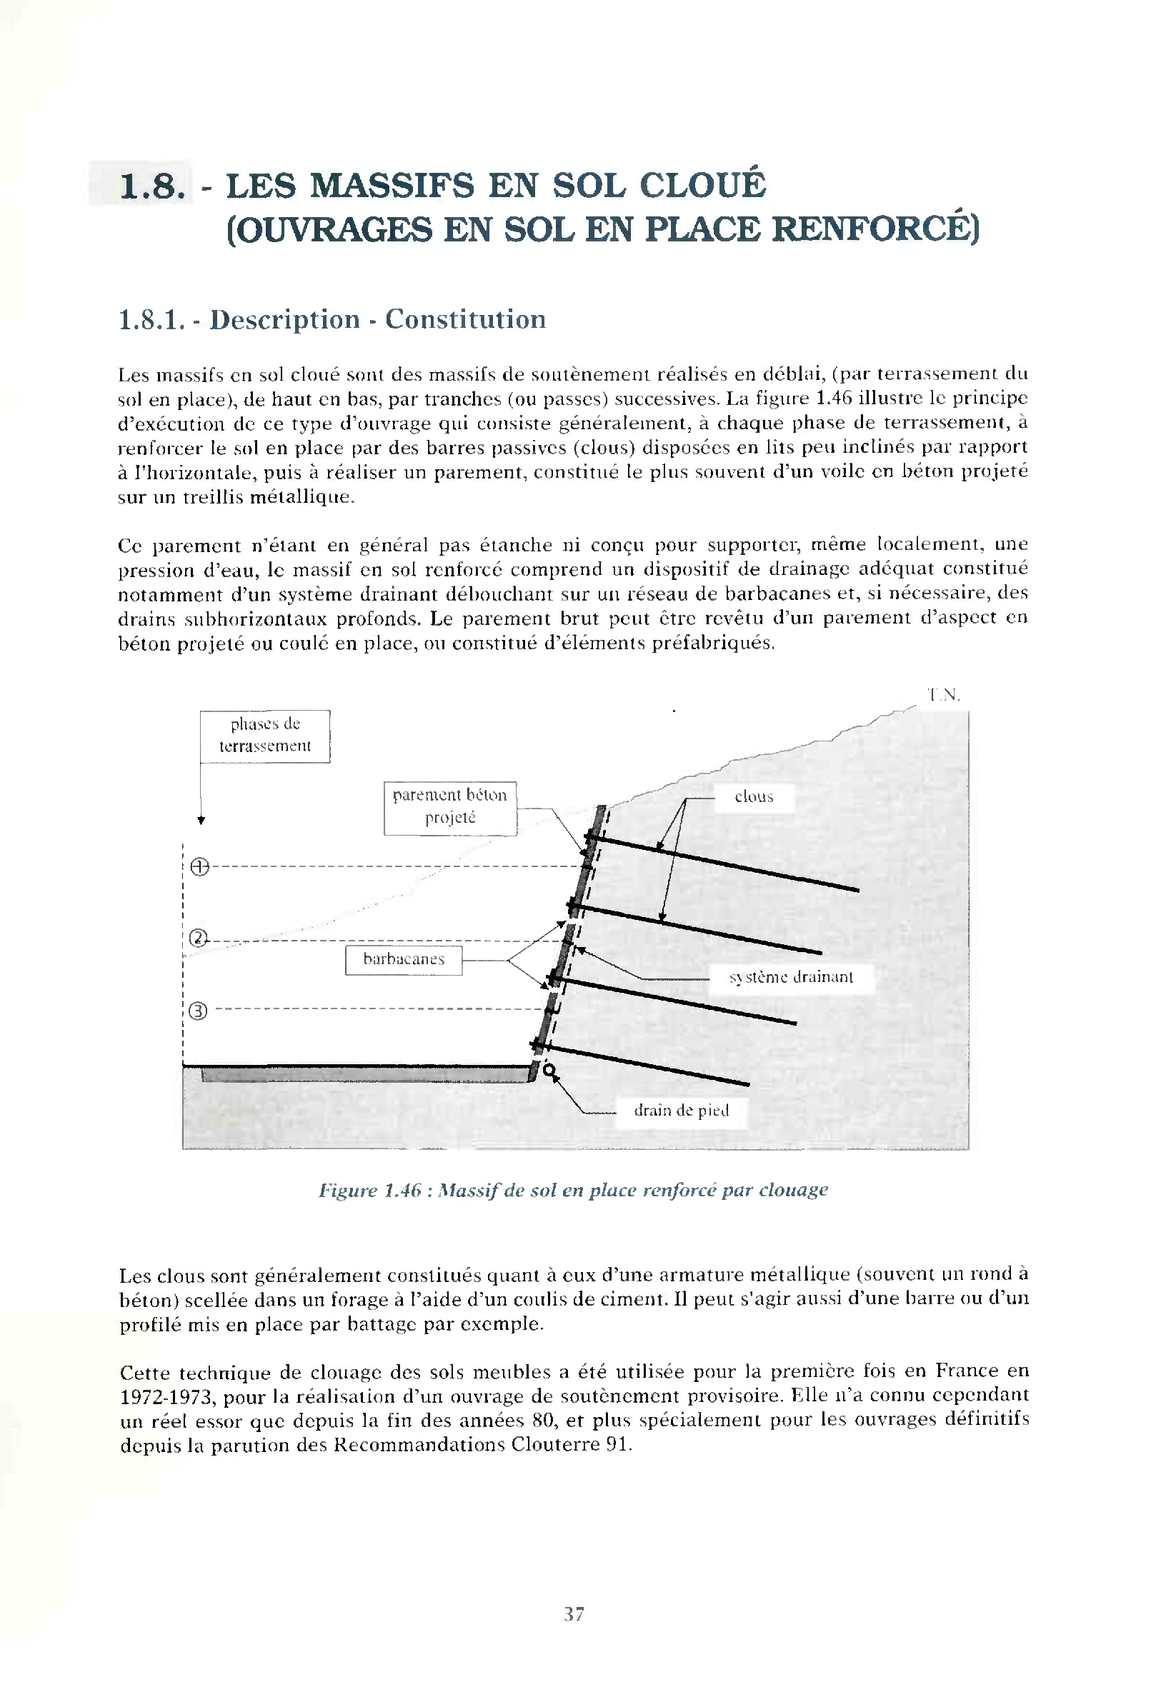 RECOMMANDATIONS 1991 TÉLÉCHARGER CLOUTERRE